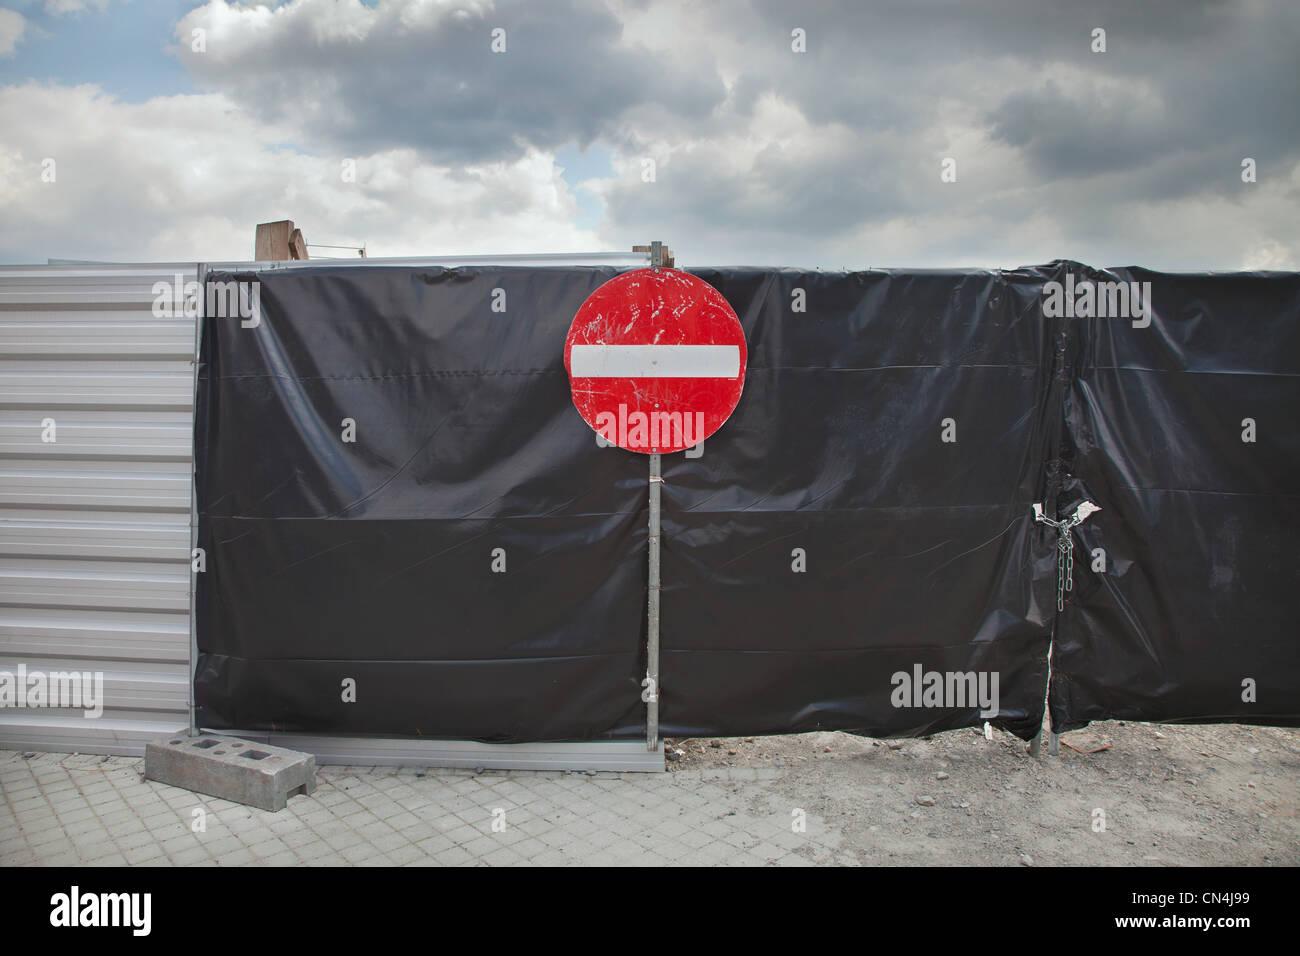 No hay signo de entrada en el portón Imagen De Stock